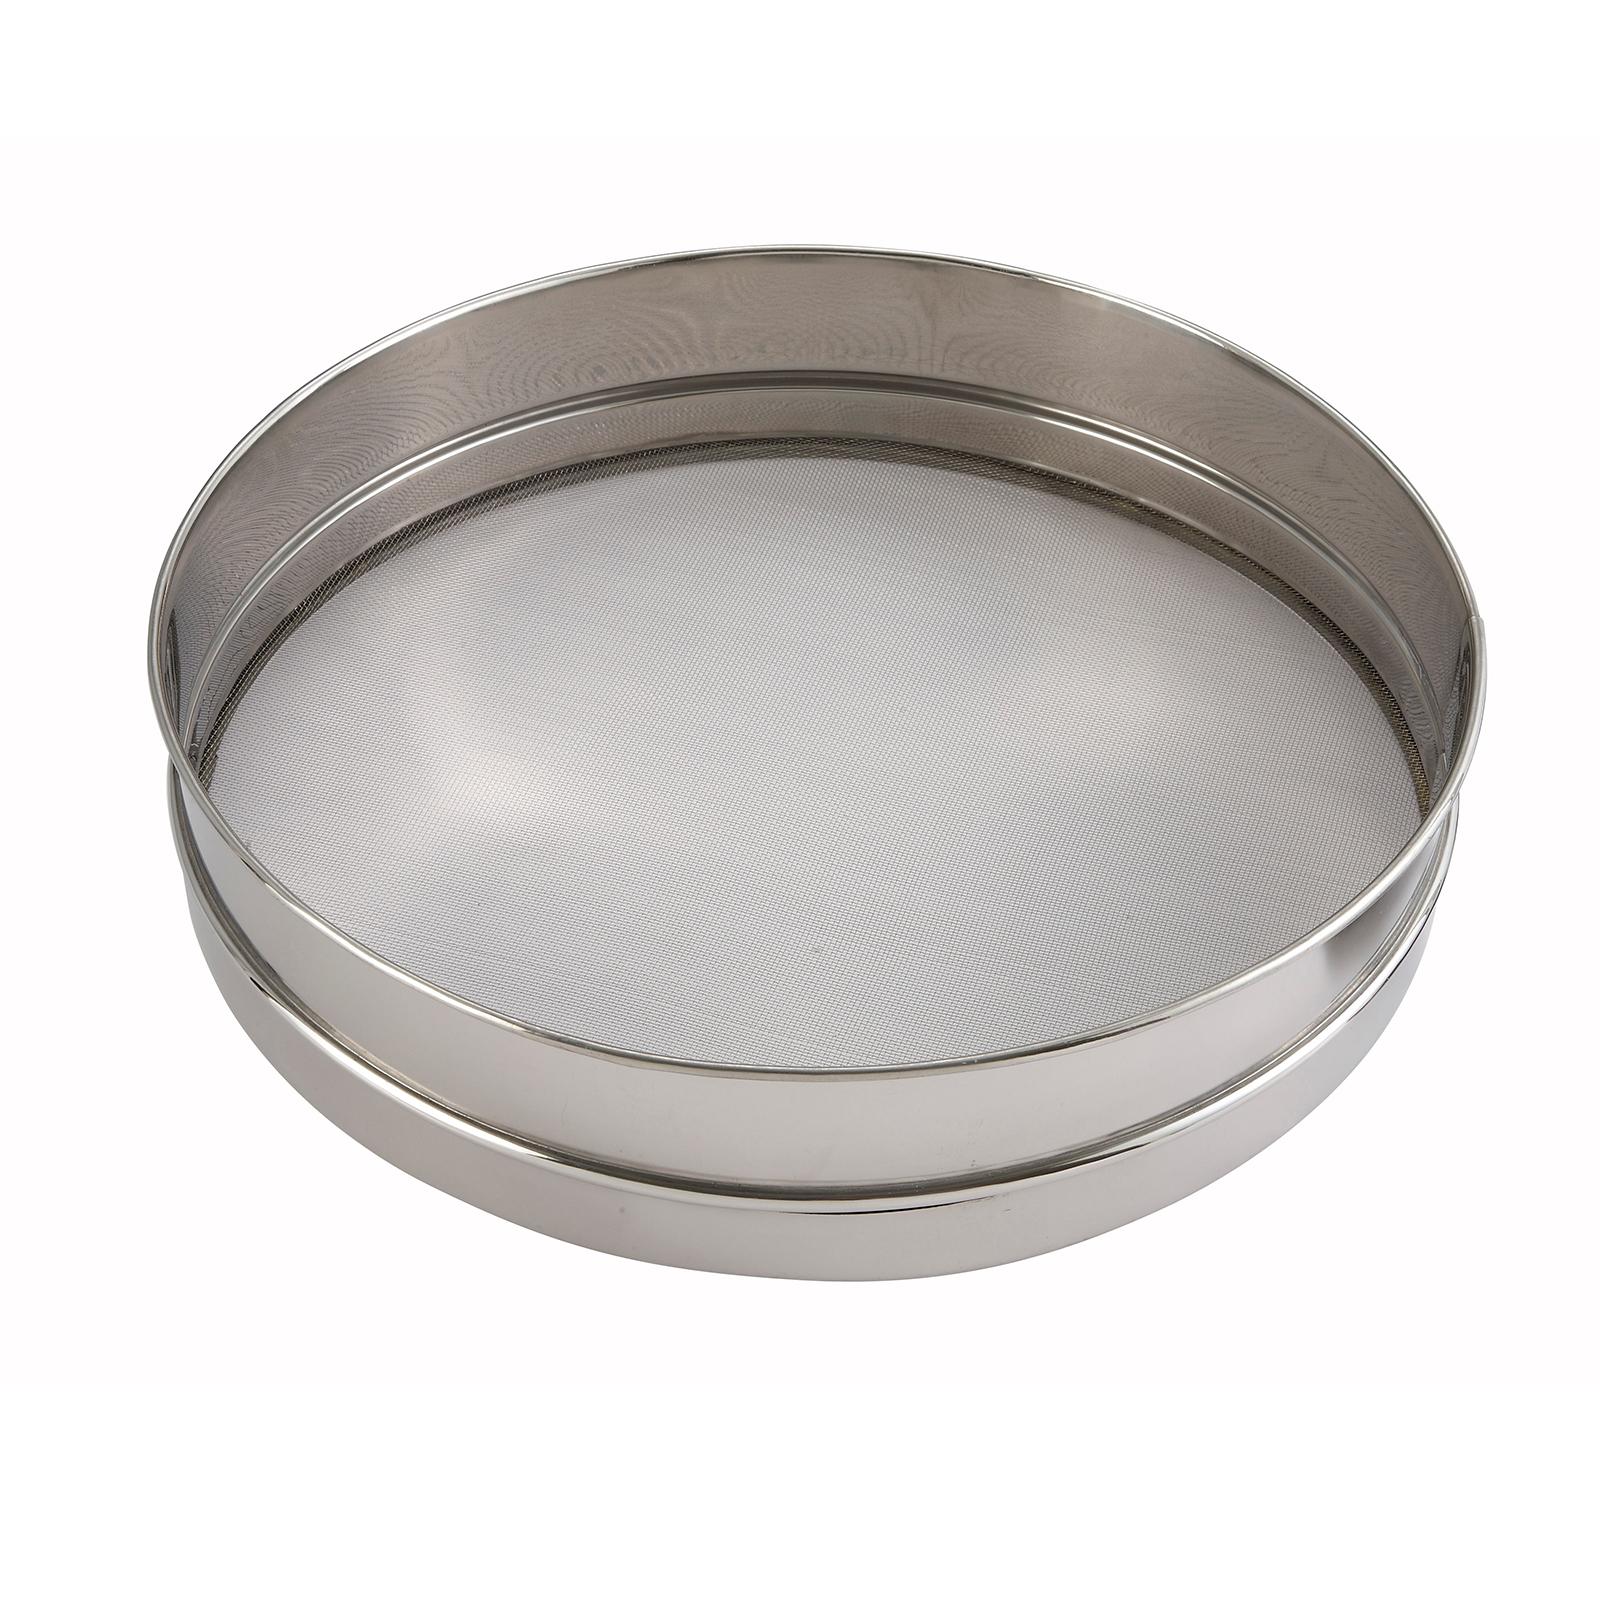 Winco SIV-10 sieve, drum